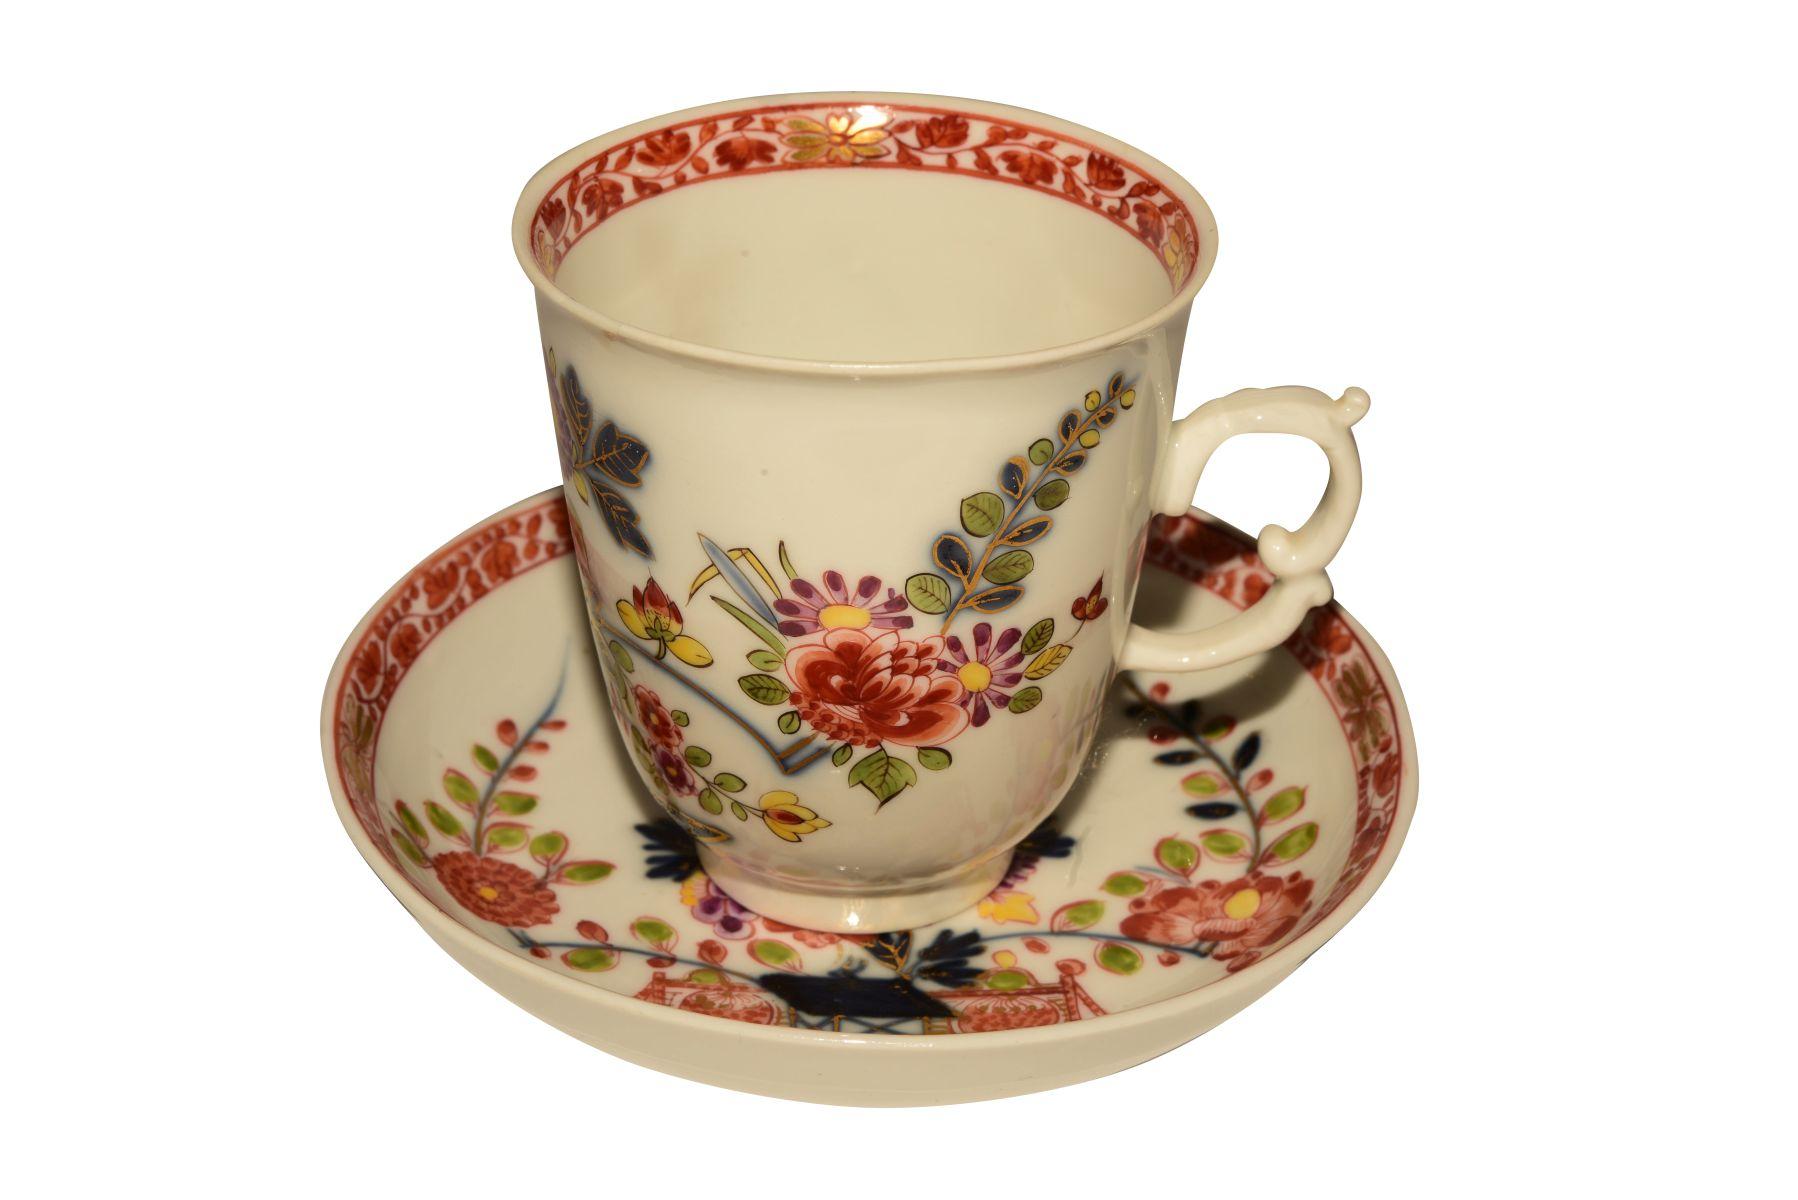 #119 Tall cup and saucer, Meissen 1740 | Hohe Tasse mit Untertasse, Meissen 1740 Image